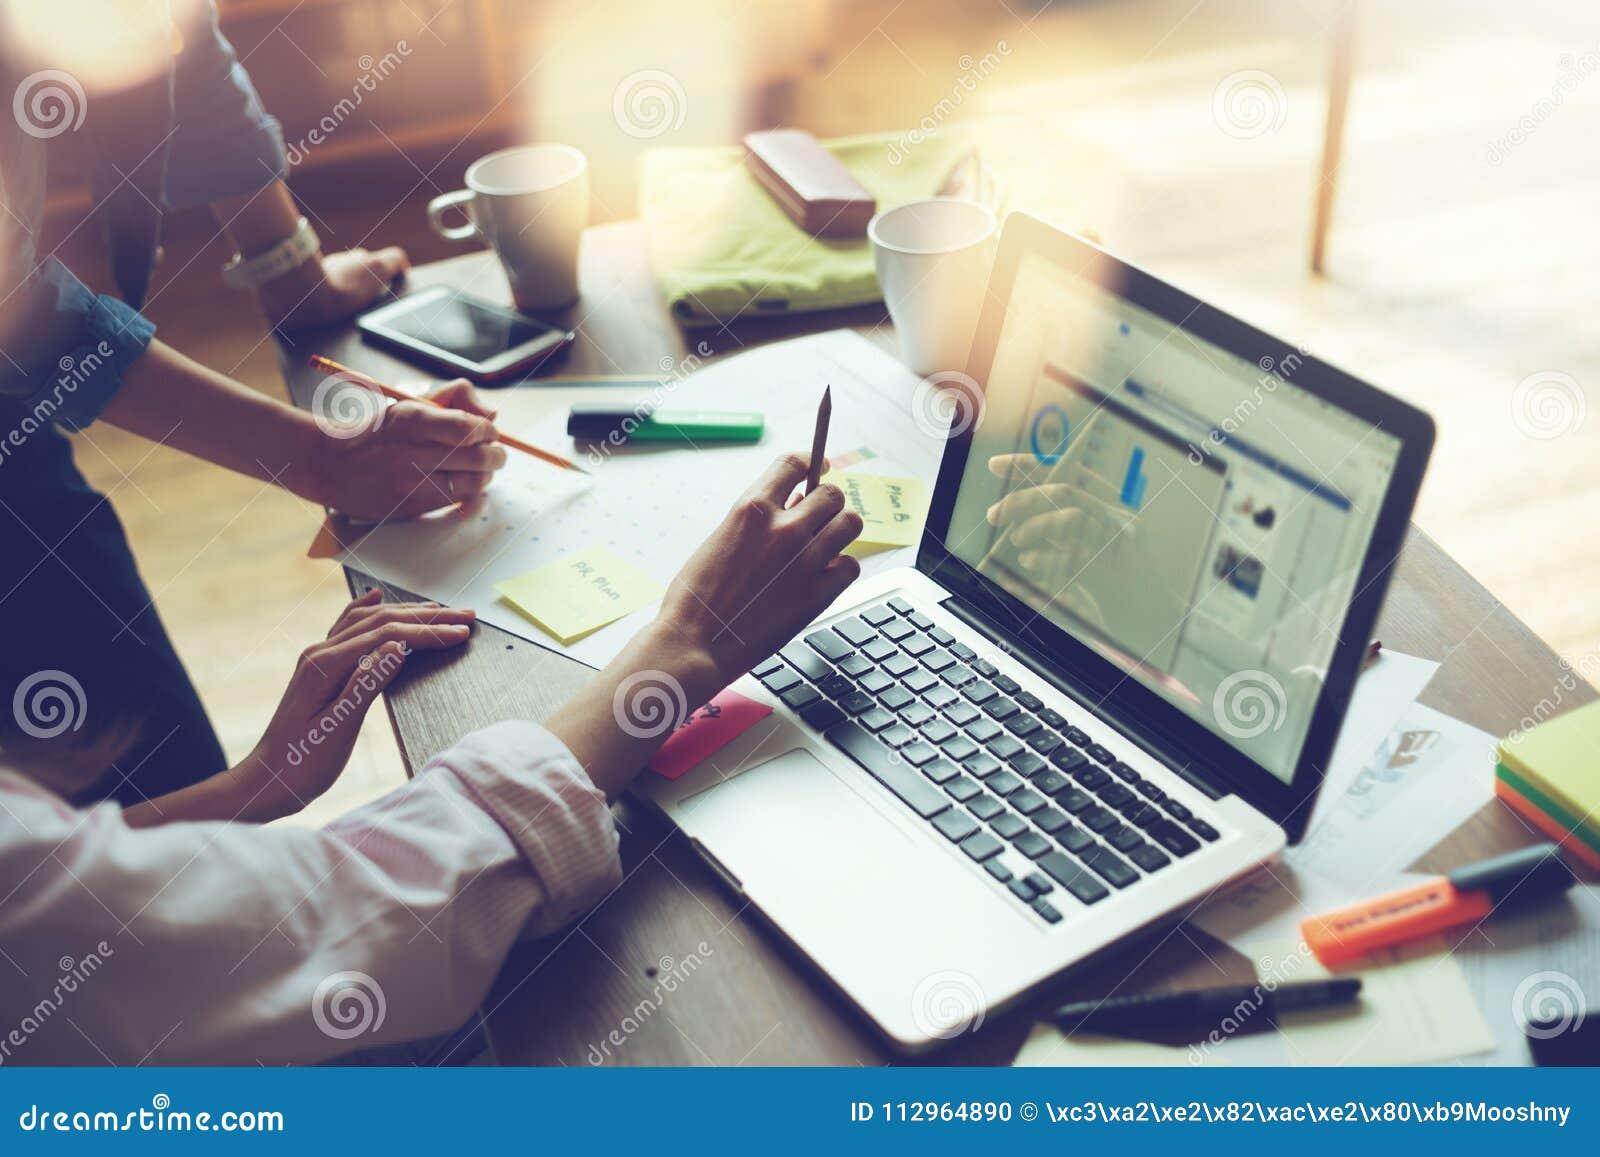 Affärsprojektmöte Marknadsföringslag som diskuterar den nya arbetsritningen Bärbar dator och skrivbordsarbete i öppet kontor